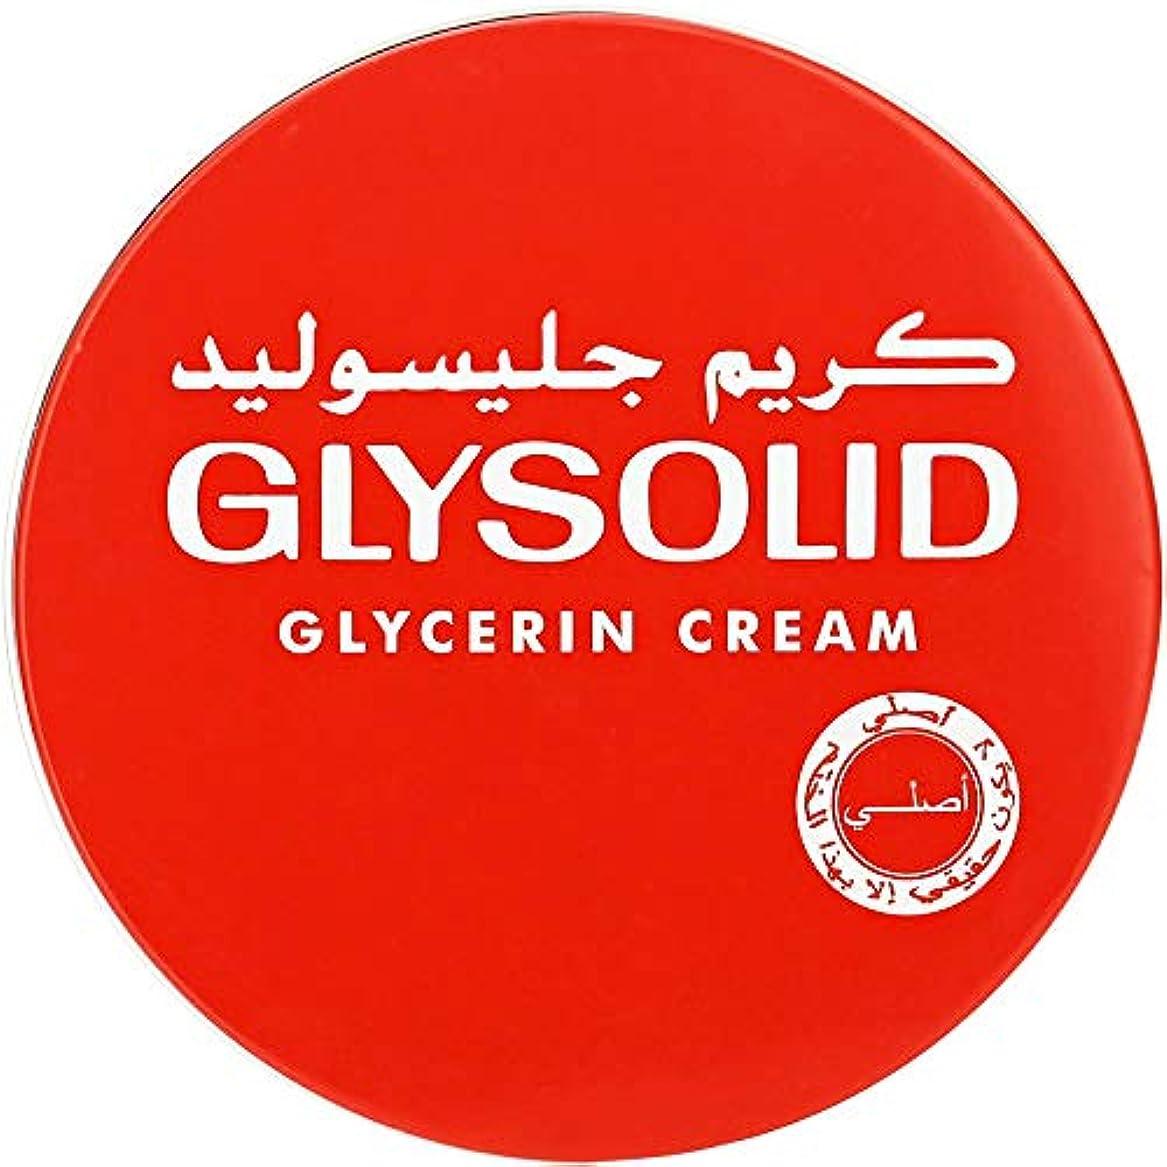 分析的ランタン計り知れないGlysolid Cream Face Moisturizers For Dry Skin Hands Feet Elbow Body Softening With Glycerin Keeping Your Skin...